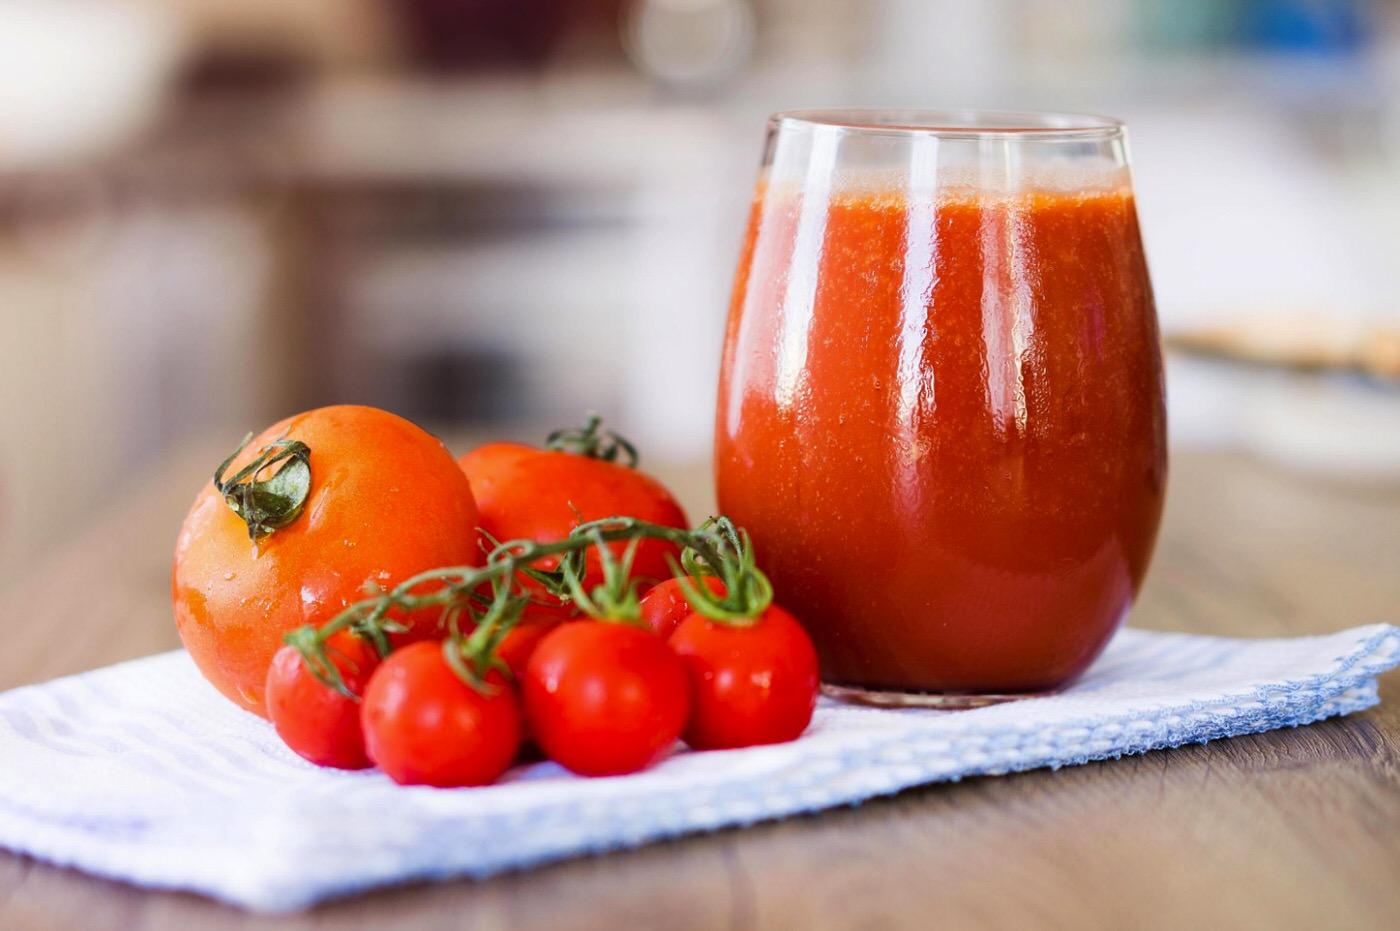 Jugo de tomate fresco